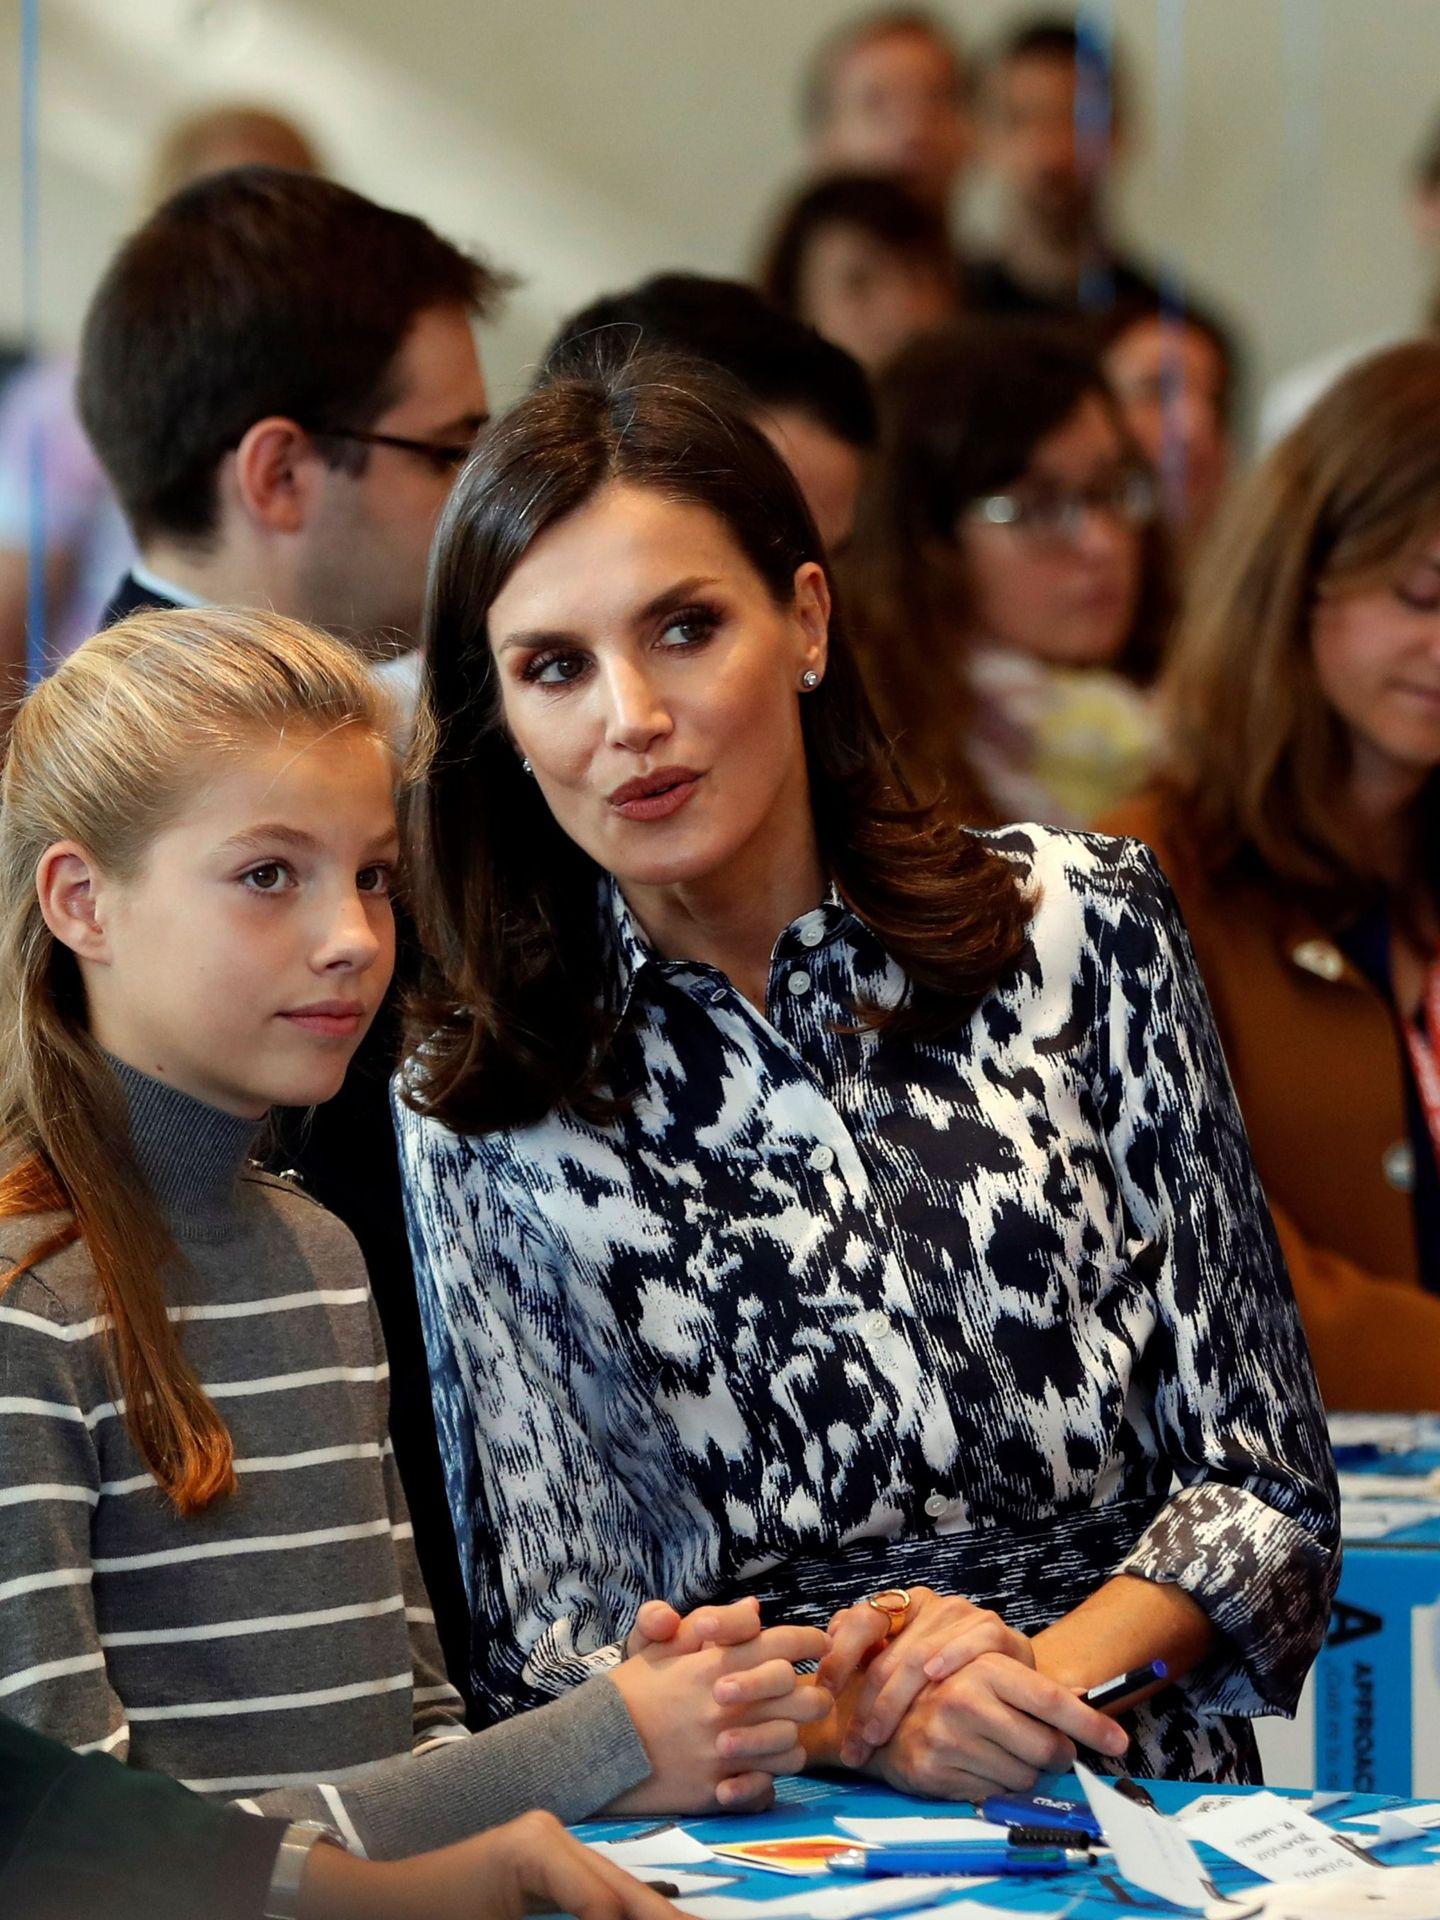 La reina Letizia y la infanta Sofía, en un taller en los X Premios Princesa de Girona.    (EFE)